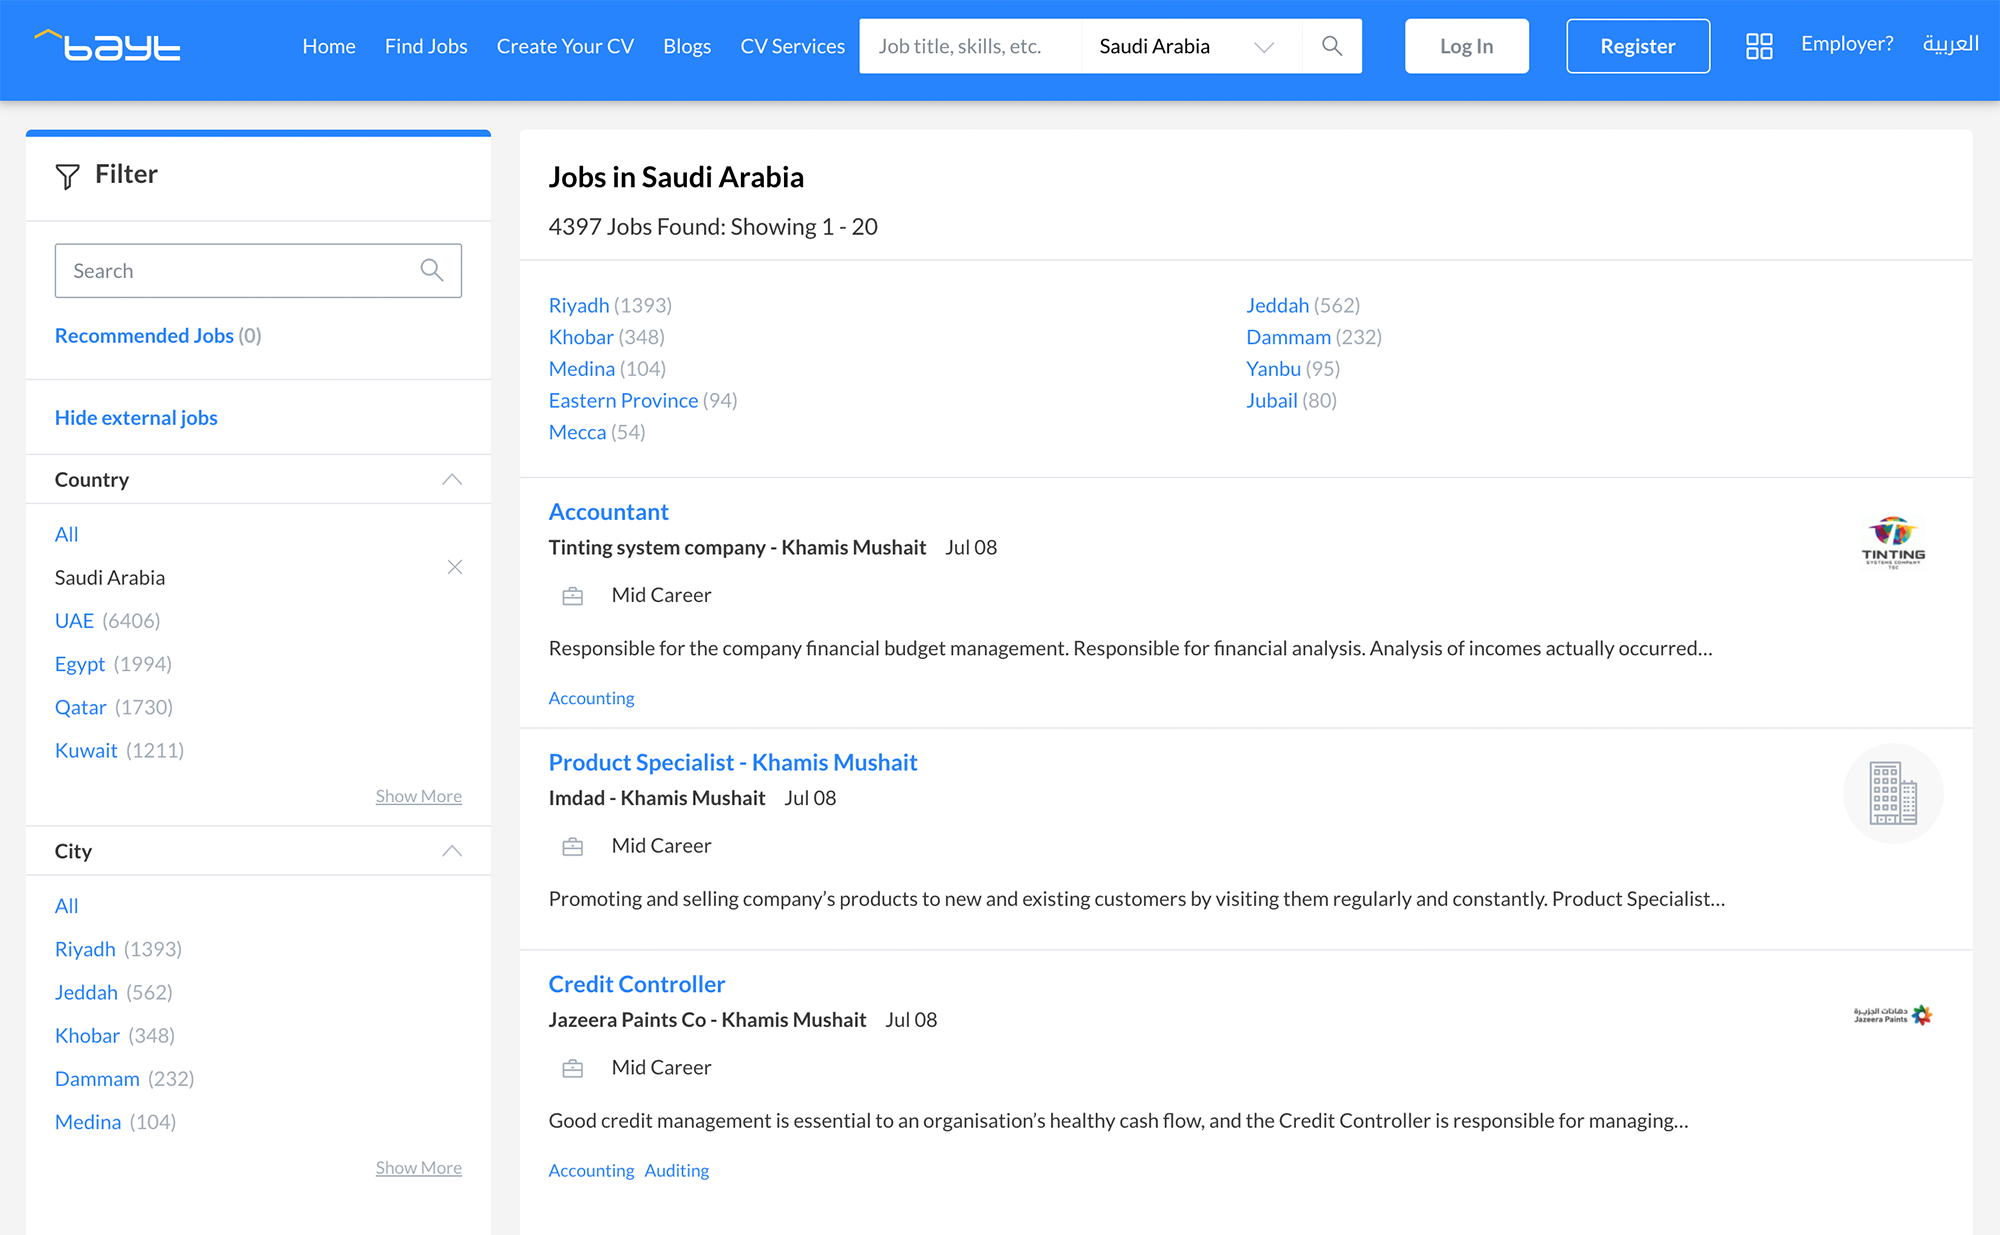 Так выглядит сайт по поиску работы bayt.com. Сверху отображается количество доступных вакансий и разбивка по городам